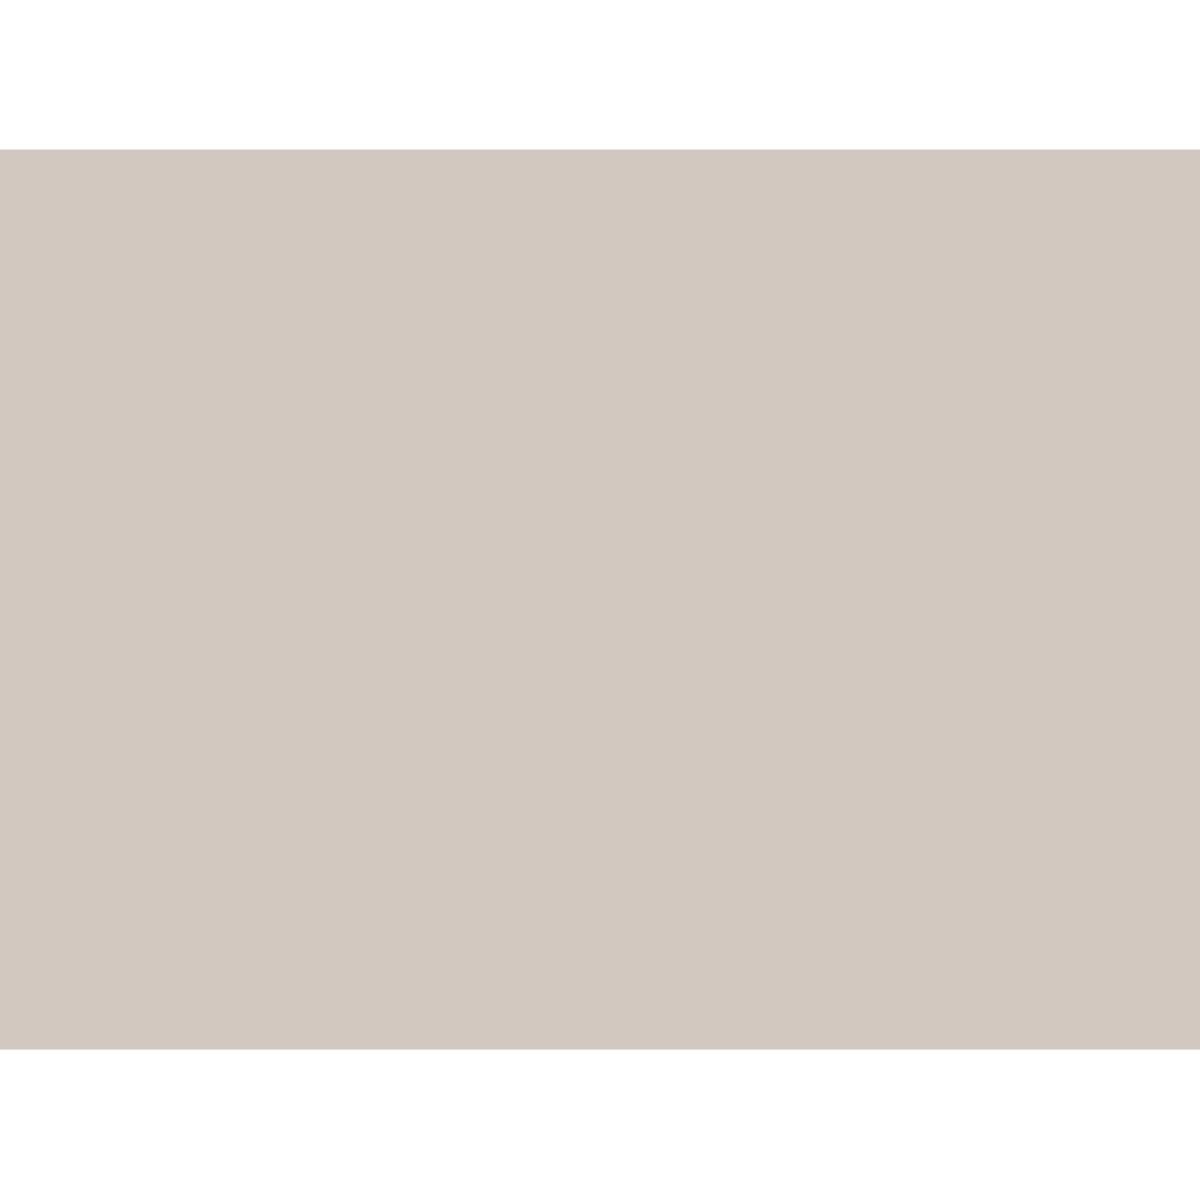 Schöner Wohnen Wandfarbe Naturell Sandbeige Matt 25 L Kaufen Bei Obi von Wandfarben Schöner Wohnen Farbpalette Bild